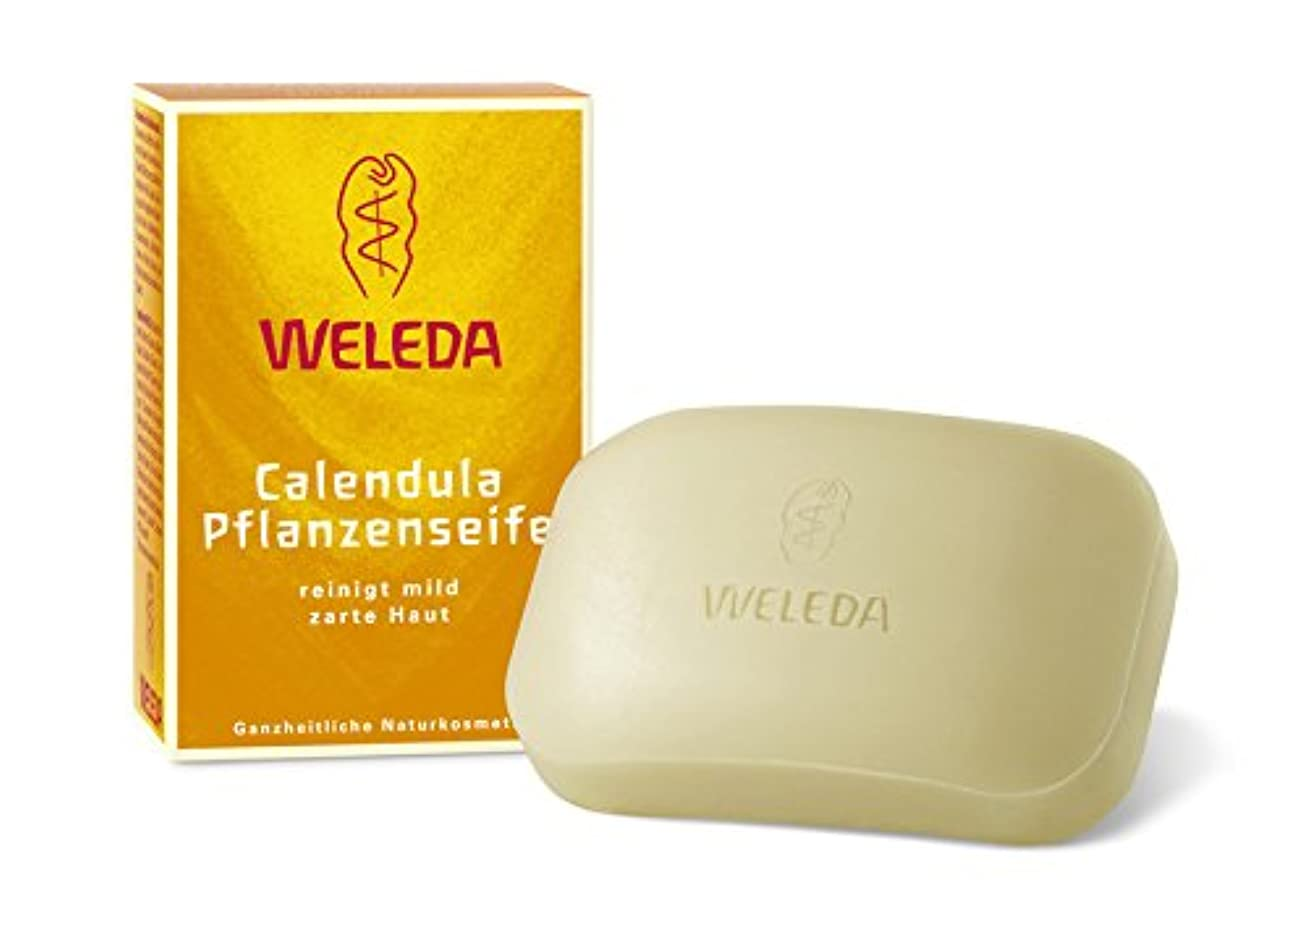 ペルメル行列の面ではWELEDA(ヴェレダ) カレンドラ ソープ 100g